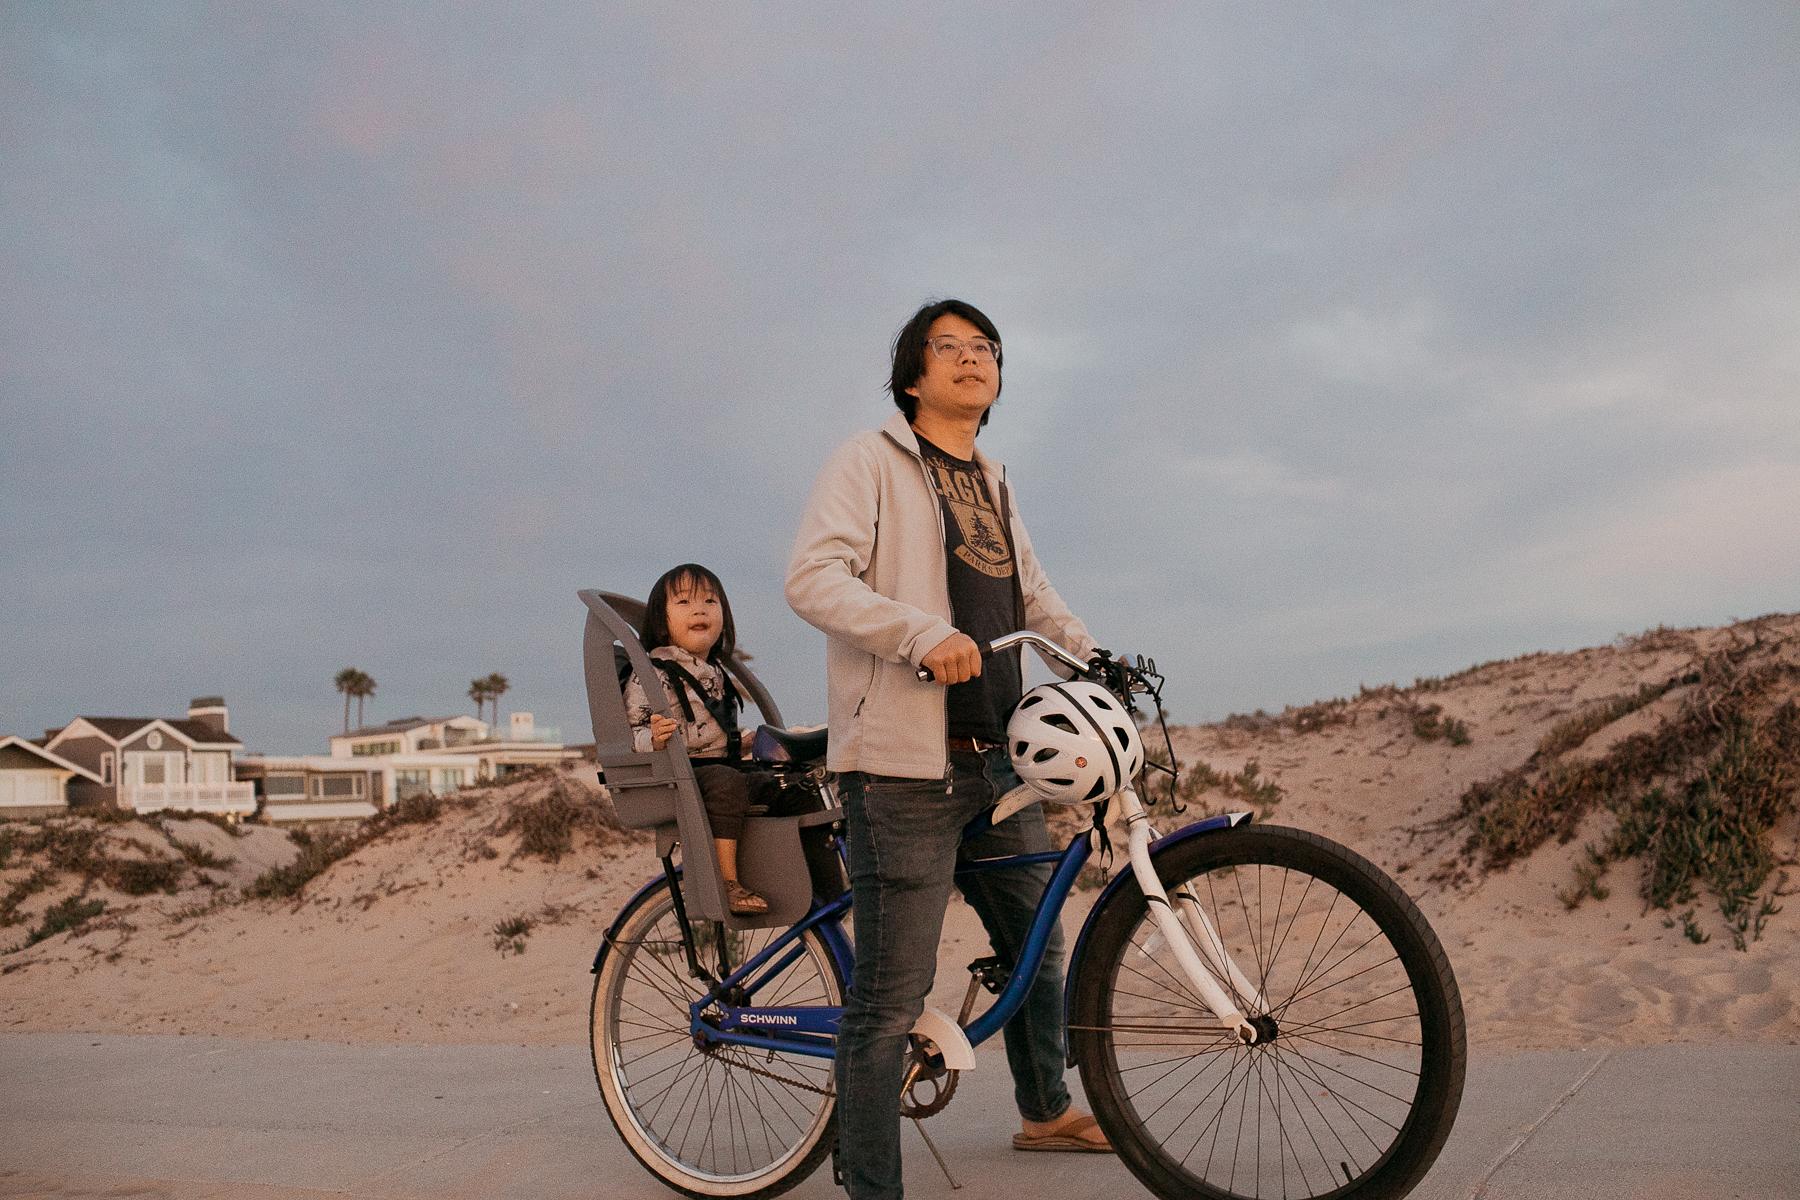 newport-beach-0017.jpg